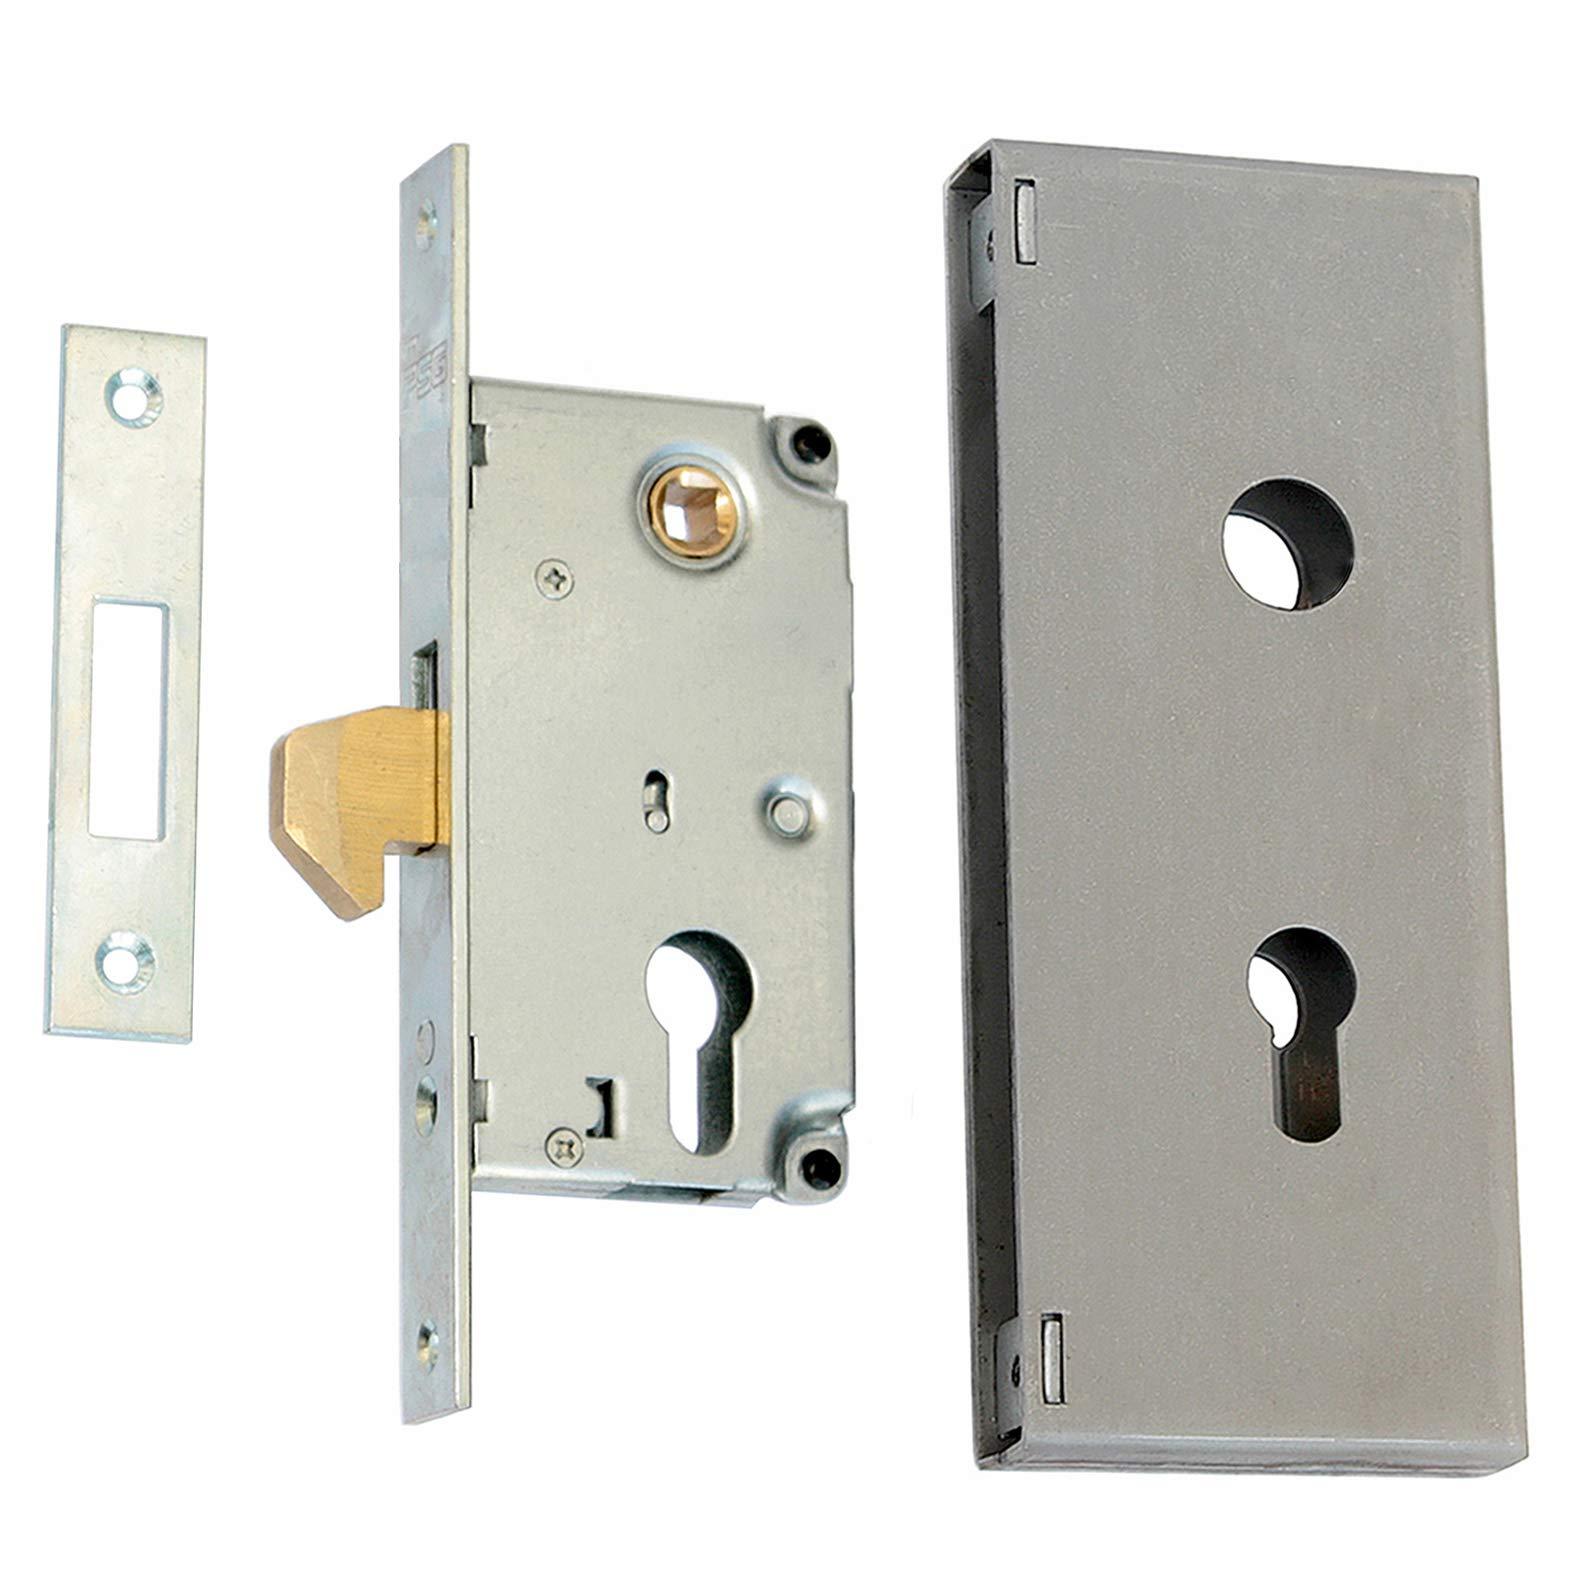 Cerradura de gancho con cerradura 72/30: Amazon.es: Bricolaje y herramientas